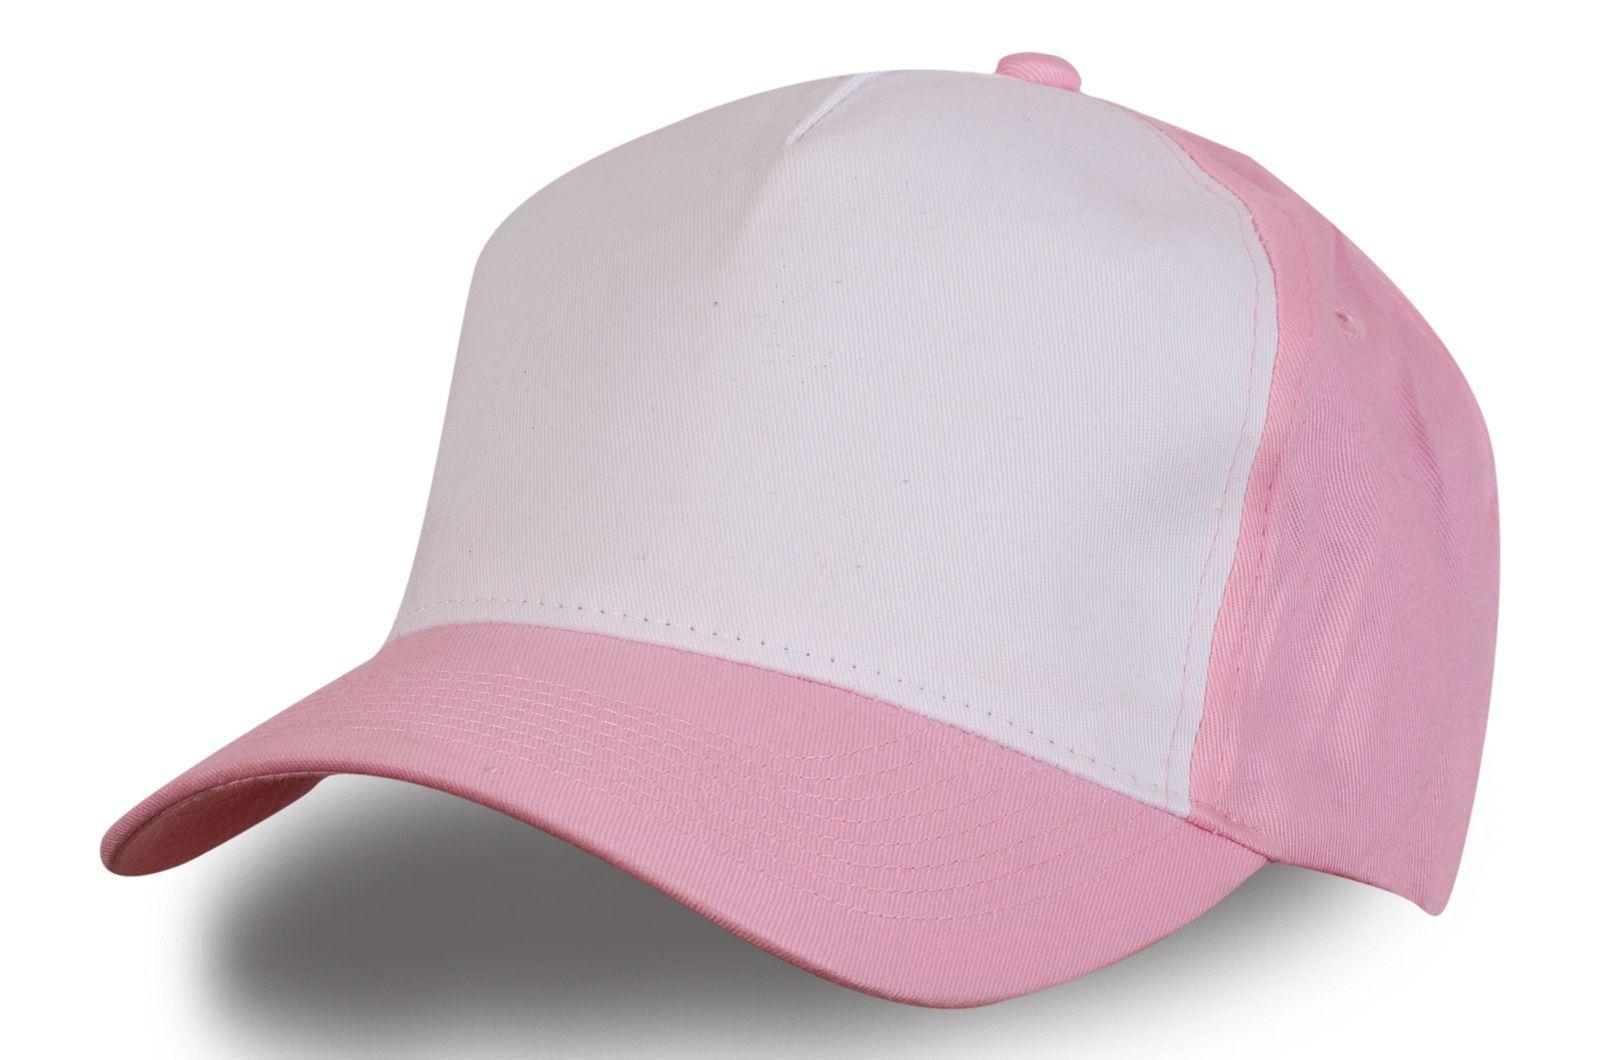 Розовая женская кепка - купить в интернет-магазине с доставкой